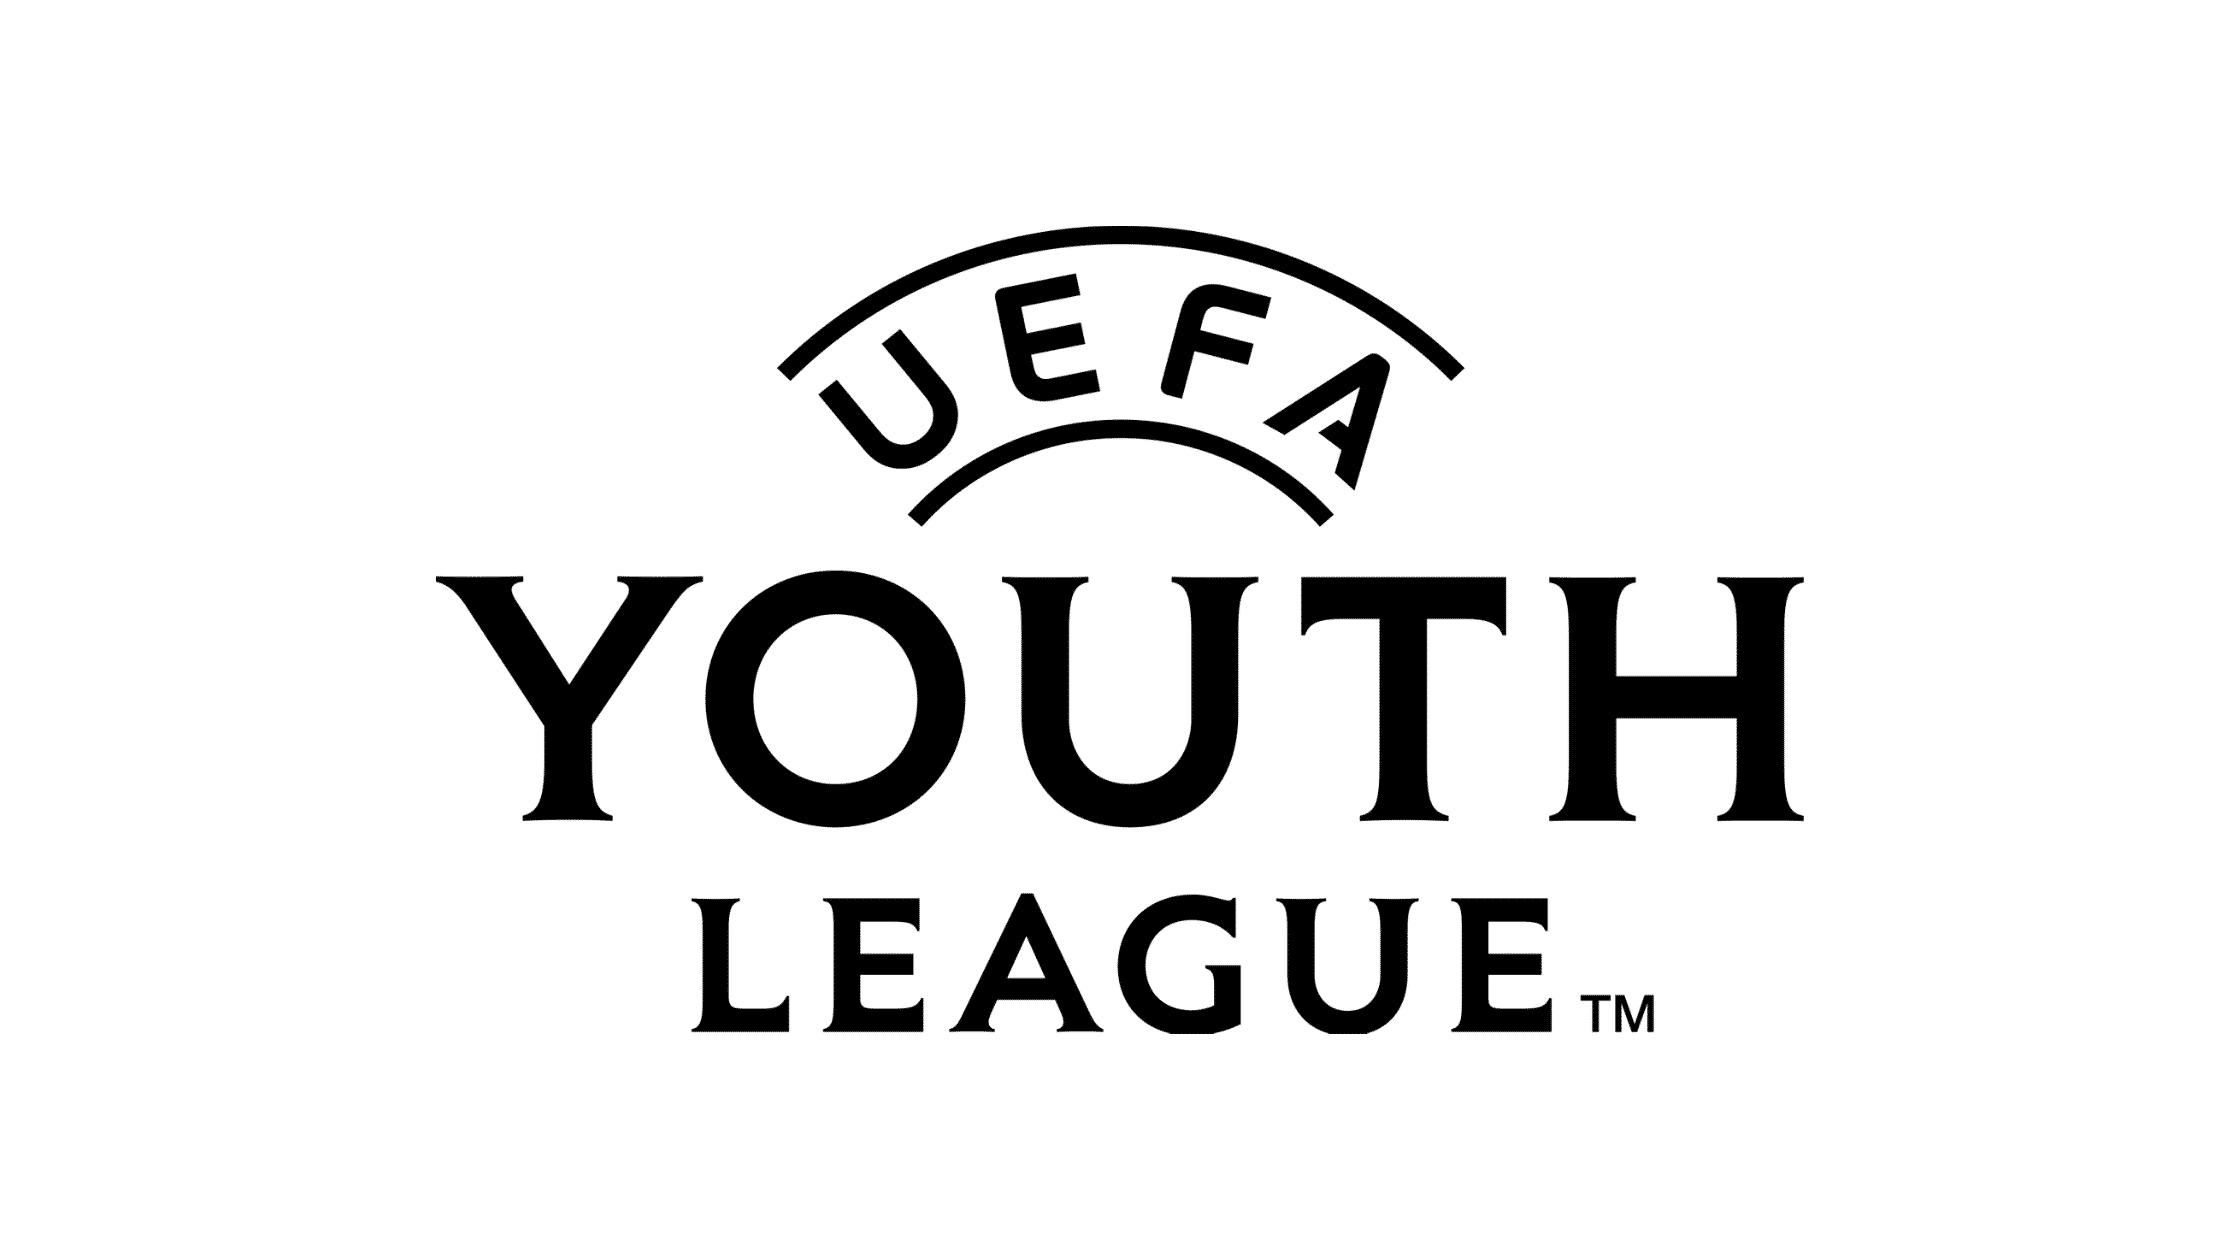 Die UEFA Youth League ist die Champions League für Junioren.